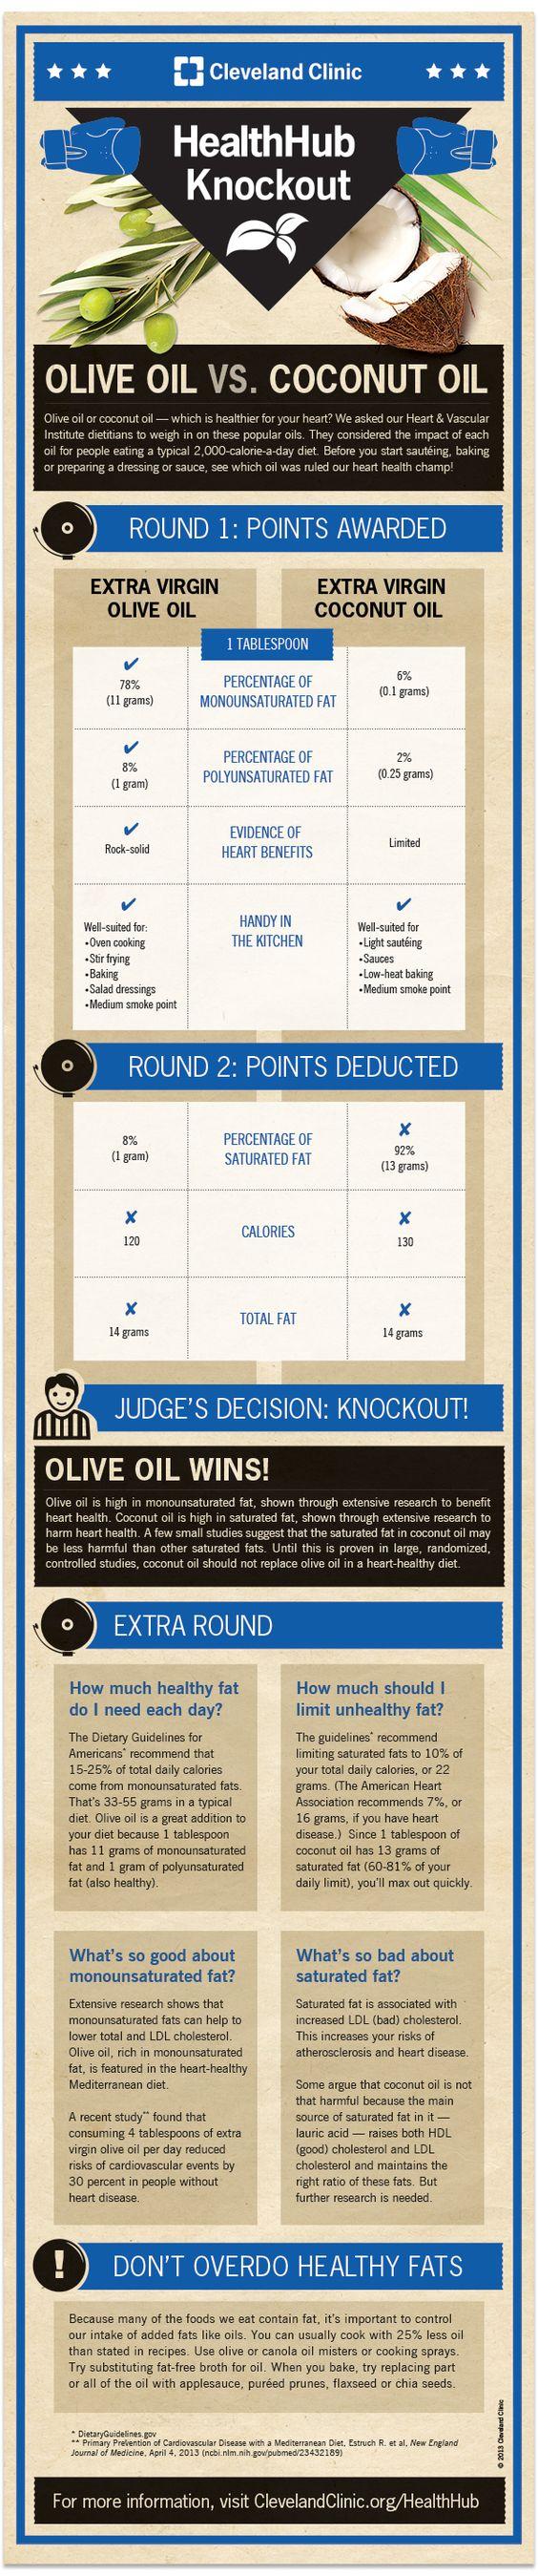 EVOO-vs-Coconut-Oil-Infographic.jpg